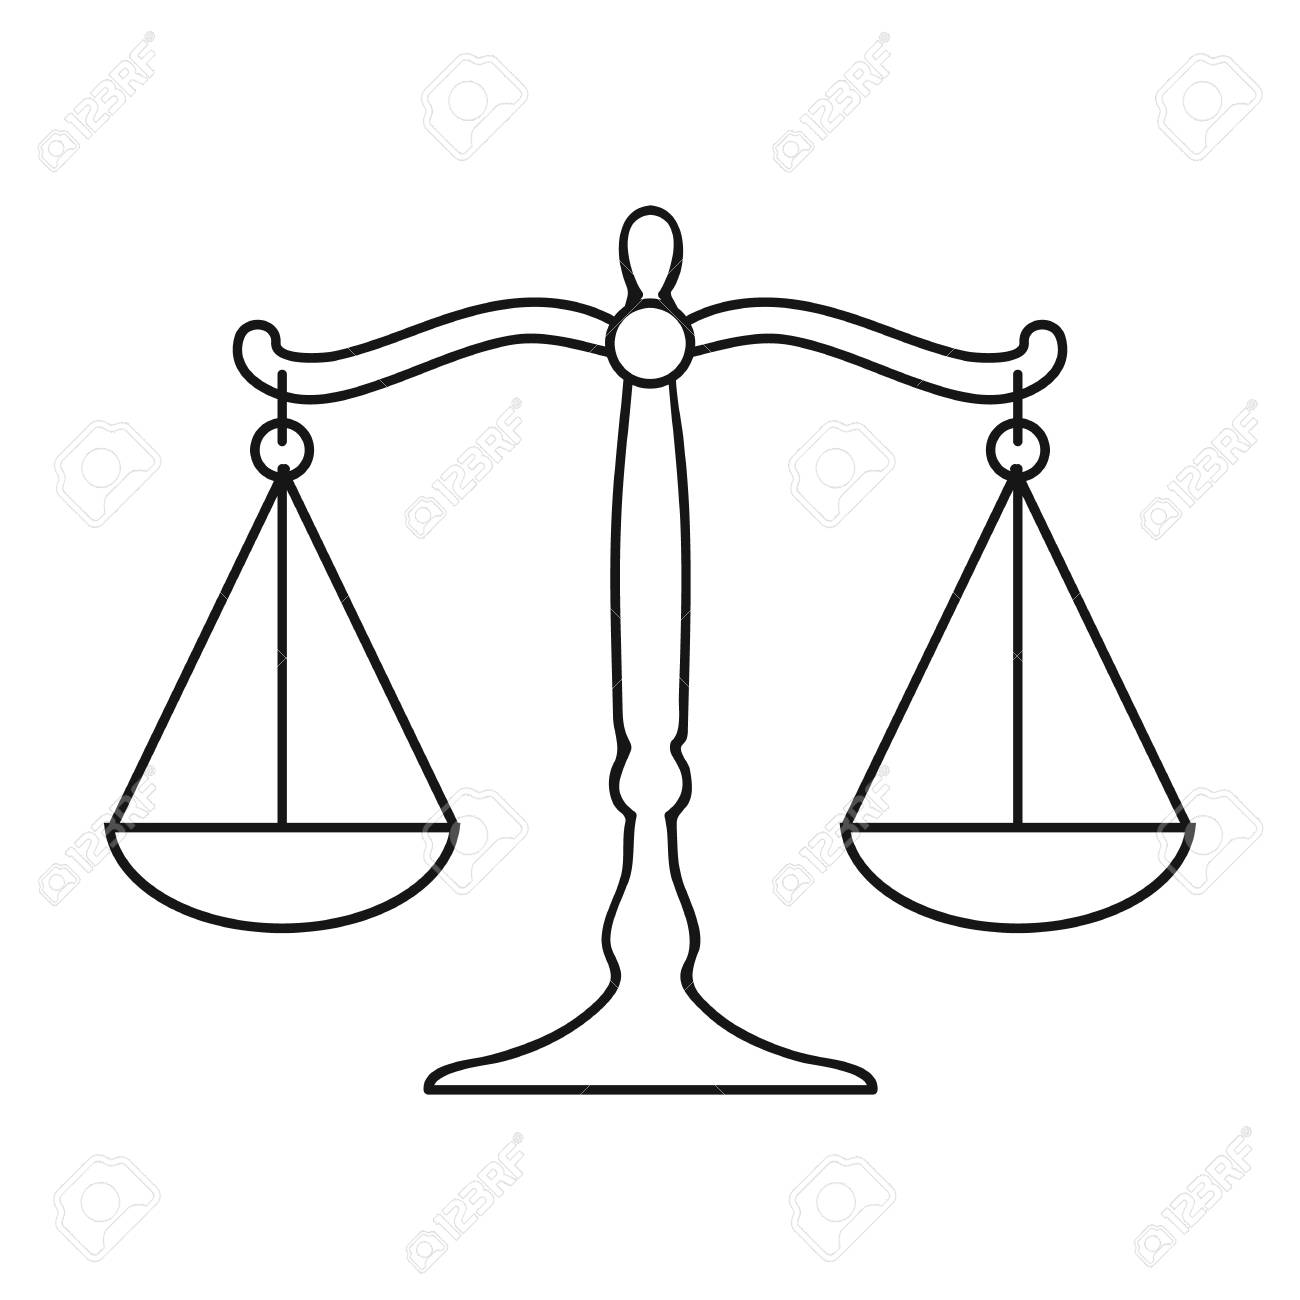 Icona Della Bilancia Della Giustizia In Stile Del Contorno Isolato